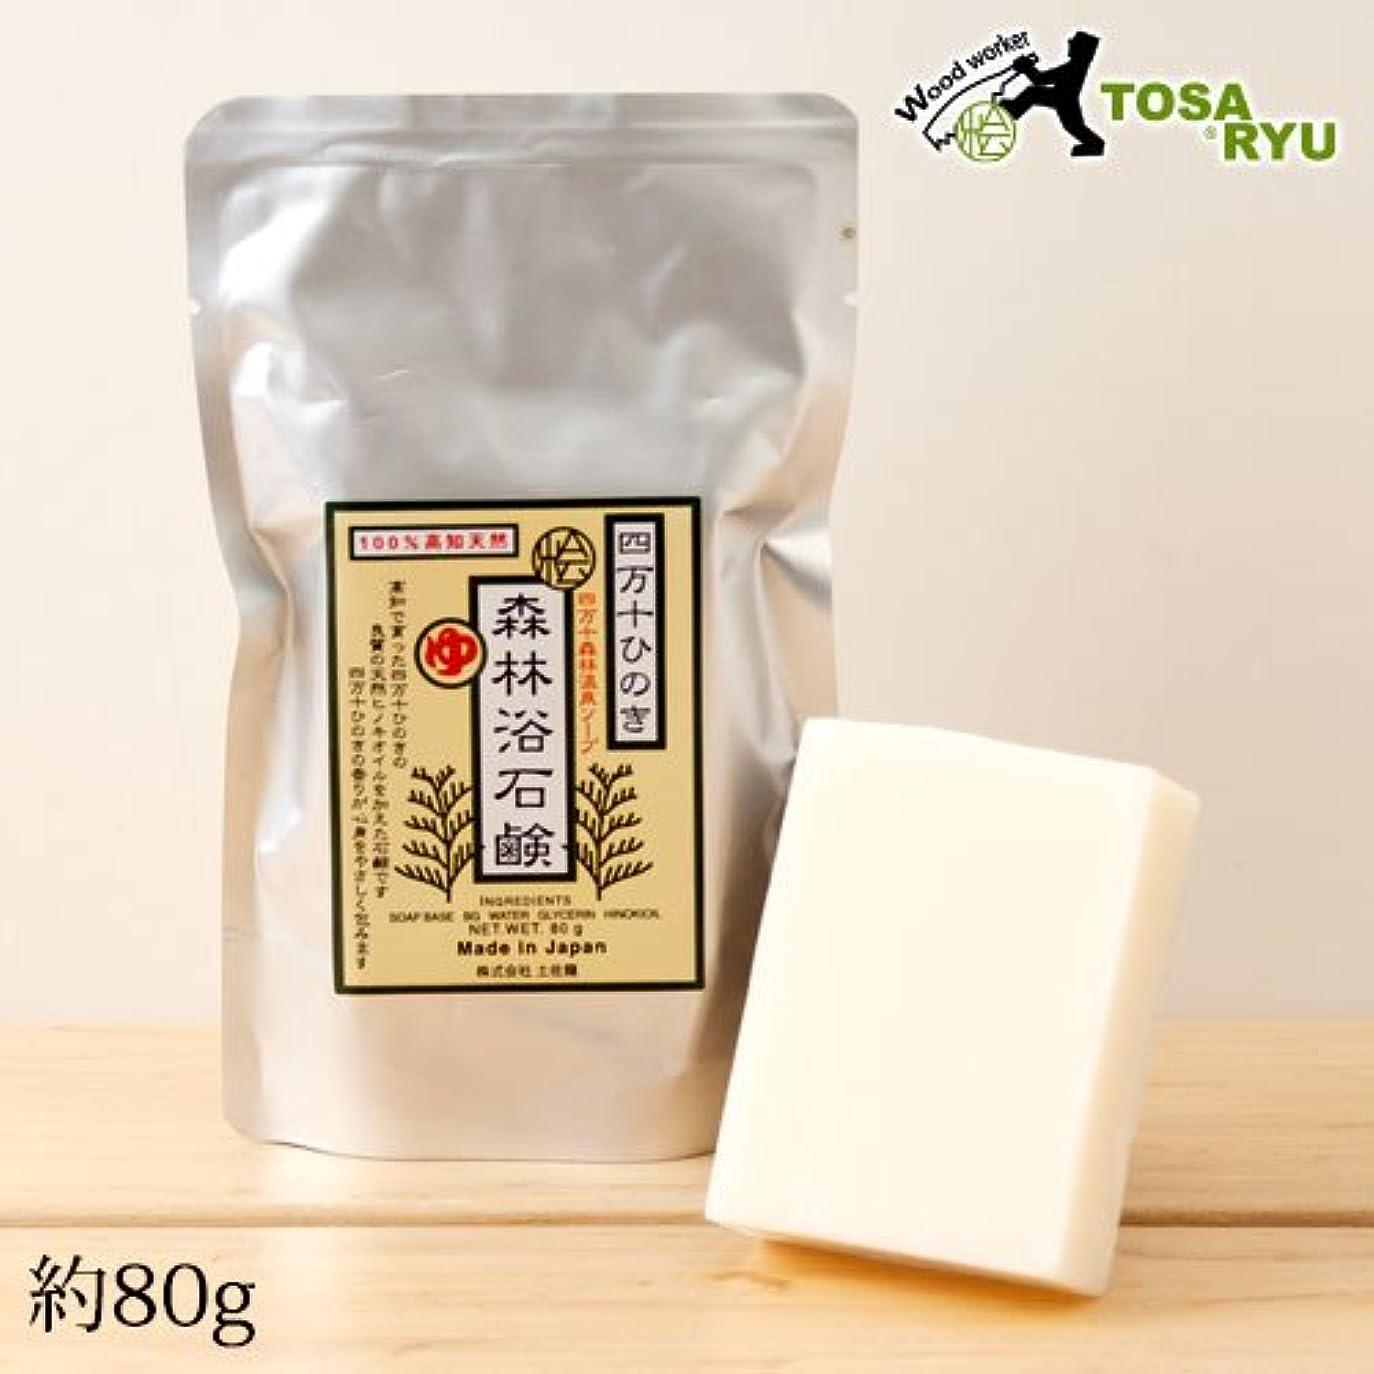 長方形バッジうがい薬土佐龍四万十森林温泉石鹸ひのきの香りのアロマソープ高知県の工芸品Aroma soap scent of cypress, Kochi craft